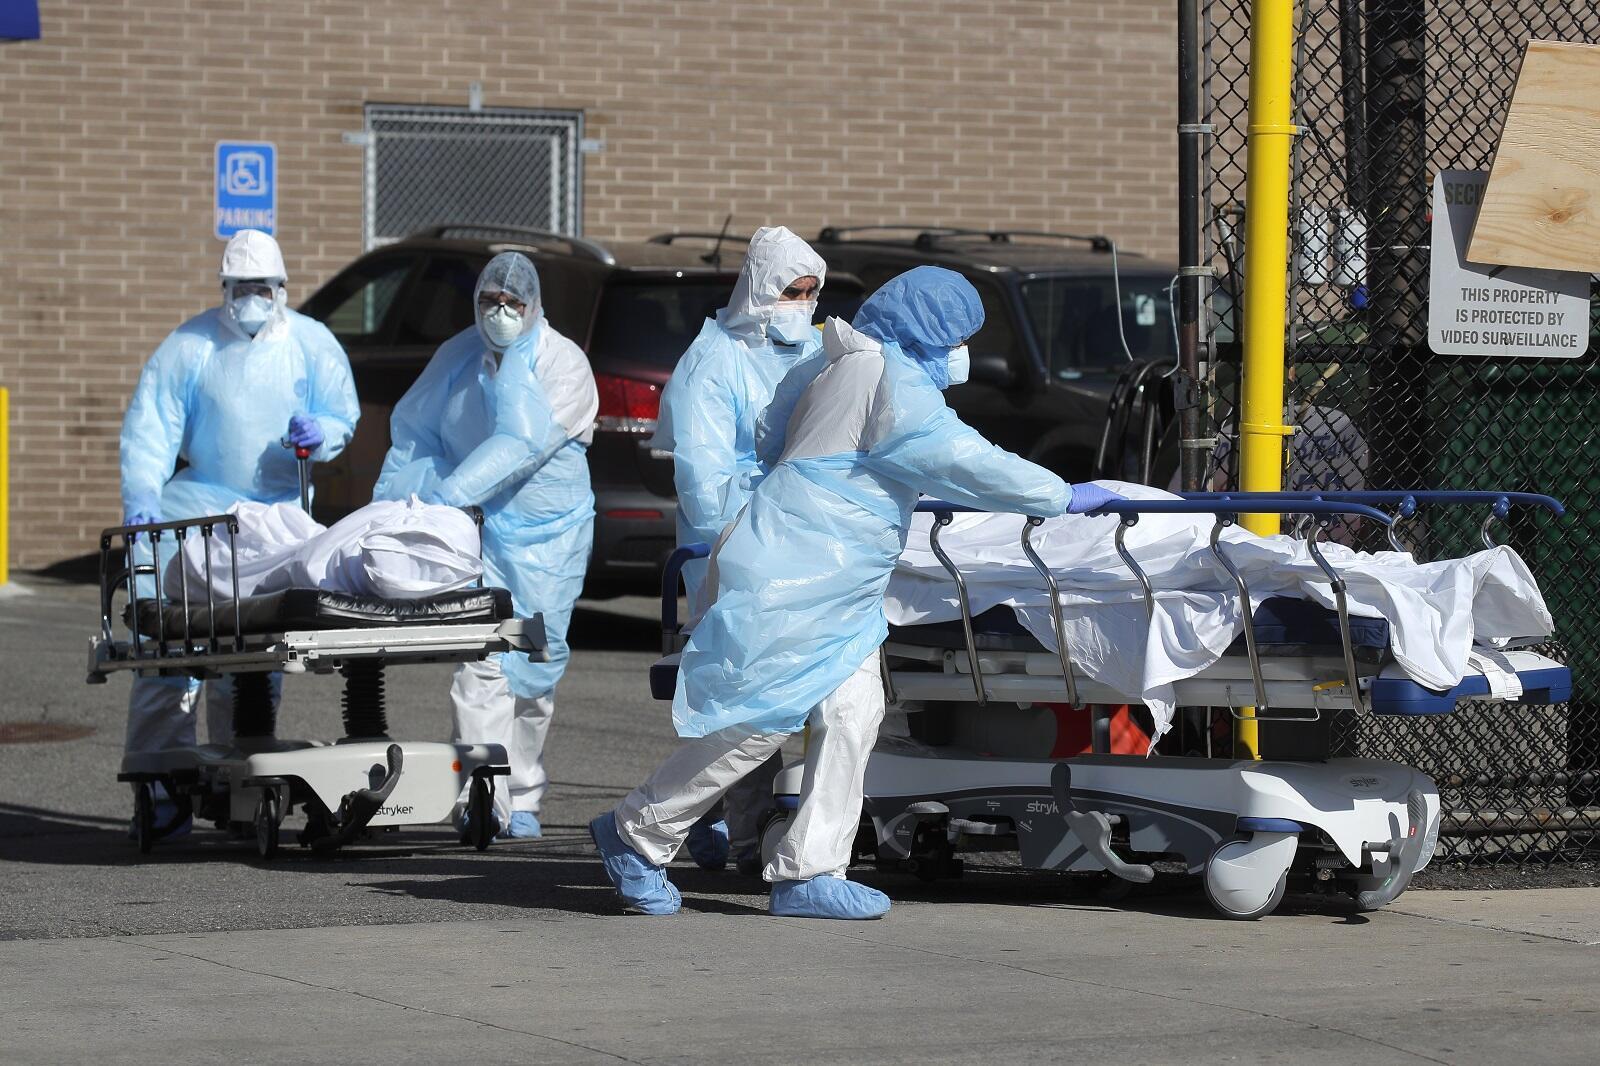 Des soignants transportent des patients décédés du Covid-19 de l'Hôpital Wyckoff Heights Medical à New York, le 6 avril 2020. (Image d'illustration)